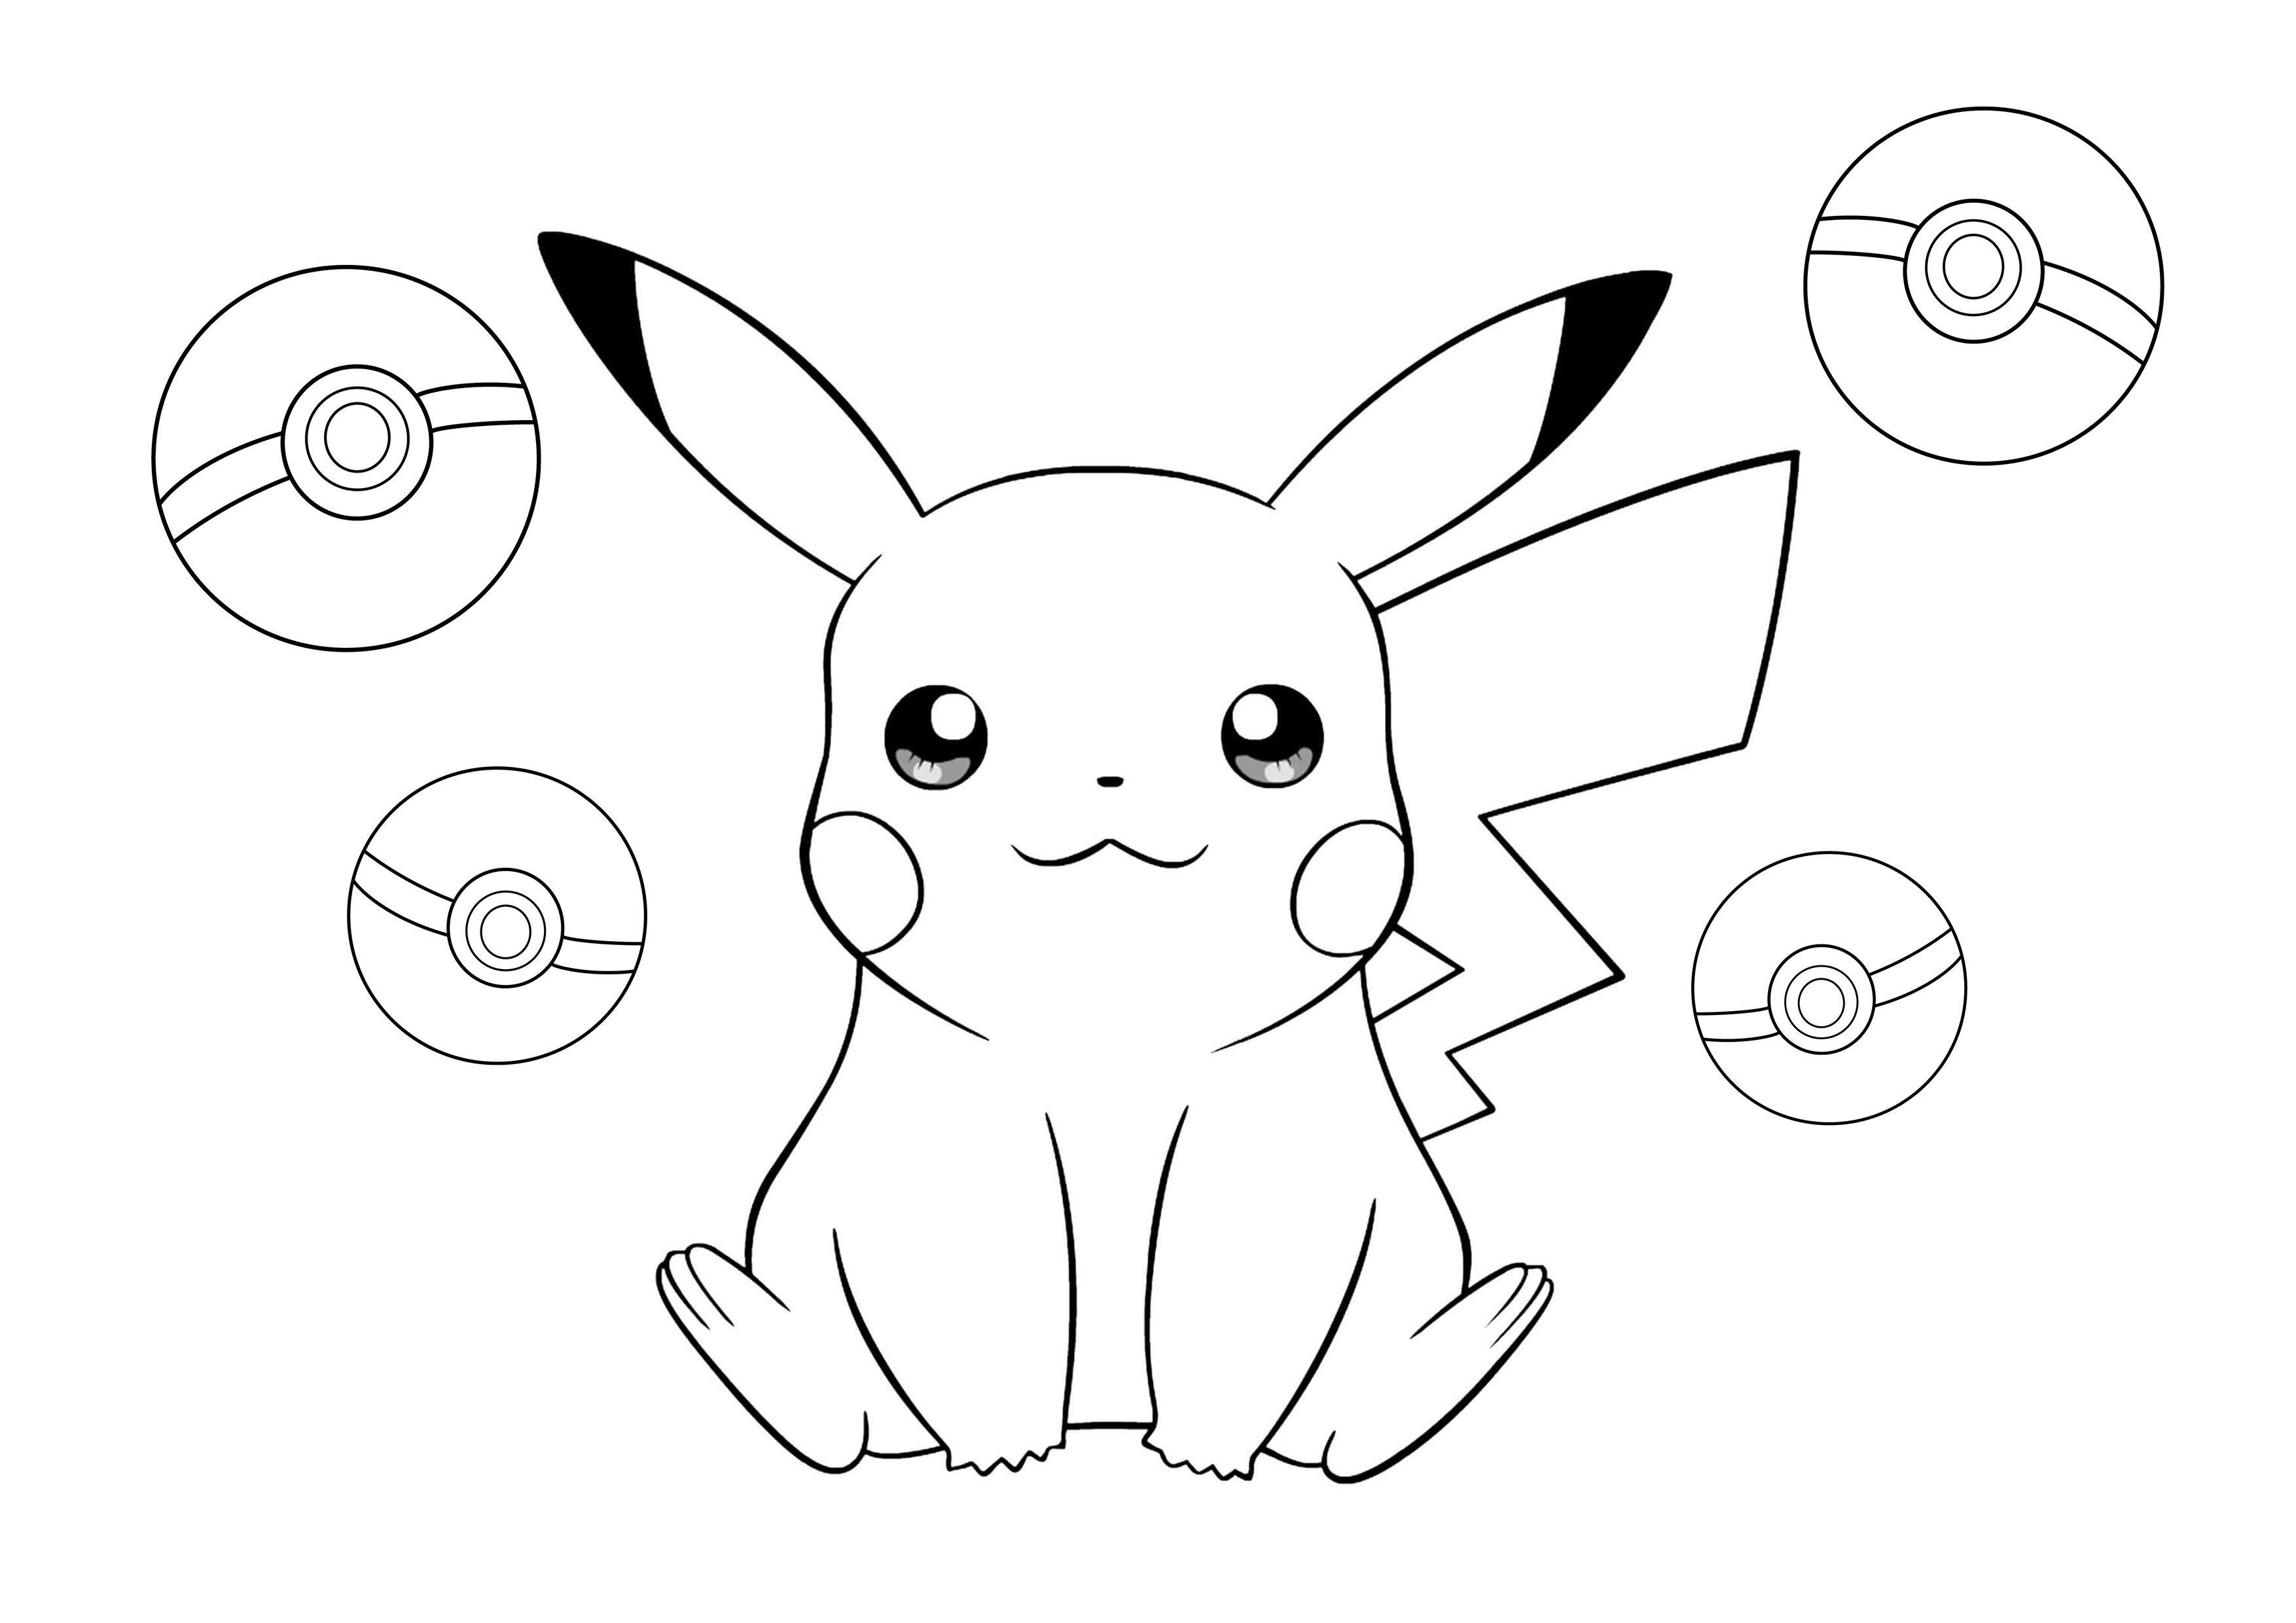 Immagini Pokemon Da Colorare.Pokemon Pikachu Disegni Da Colorare Coloring Pages Pikachu